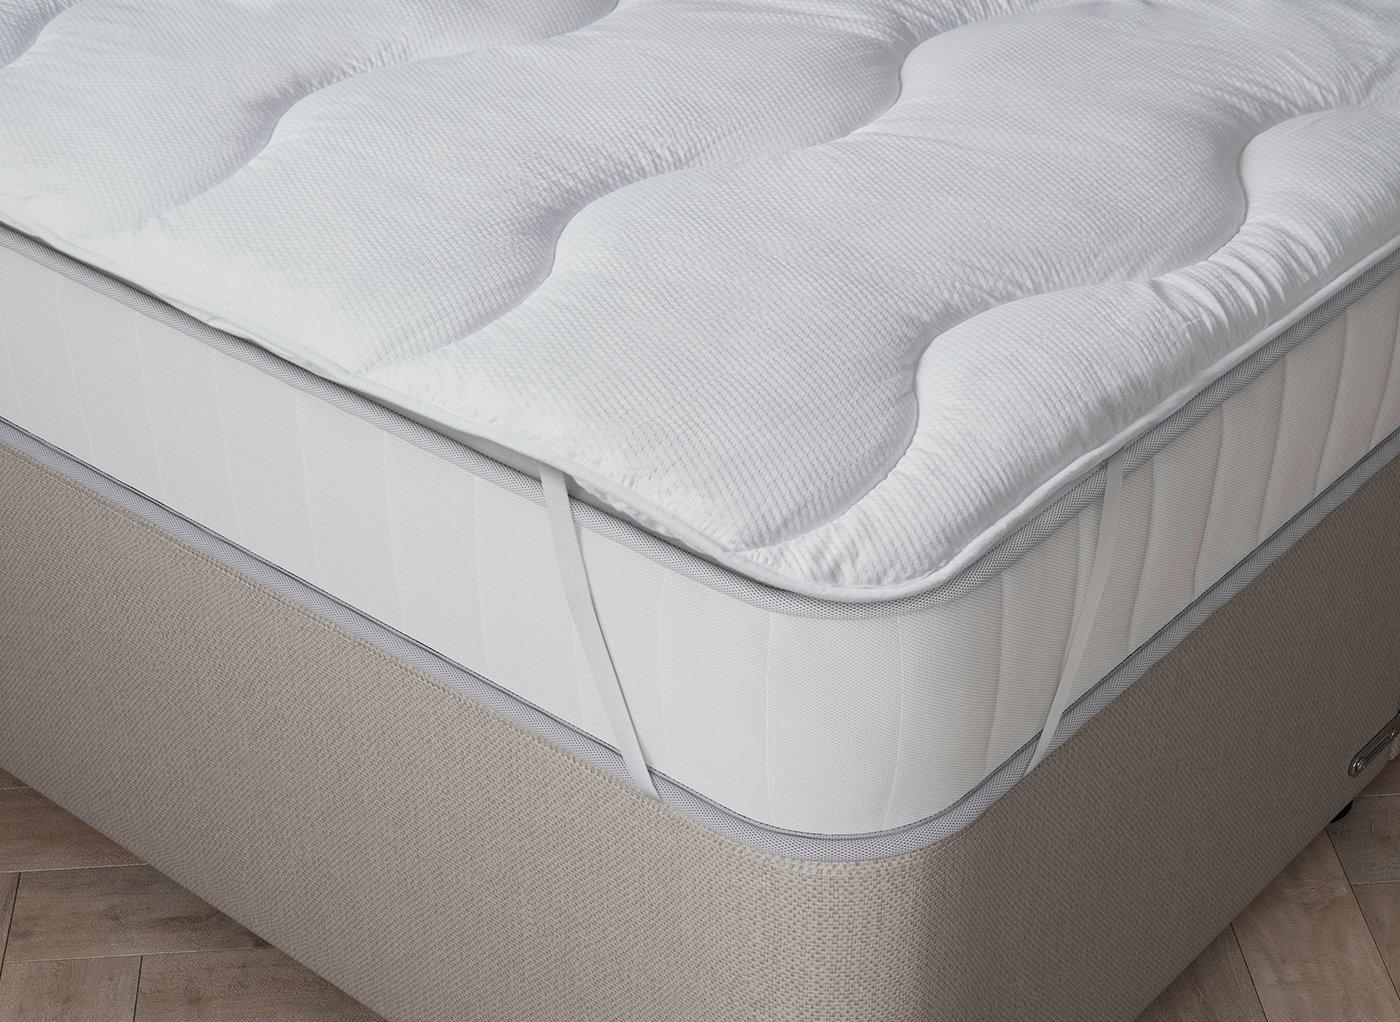 Doze ultra soft washable topper sk 6'0 super king